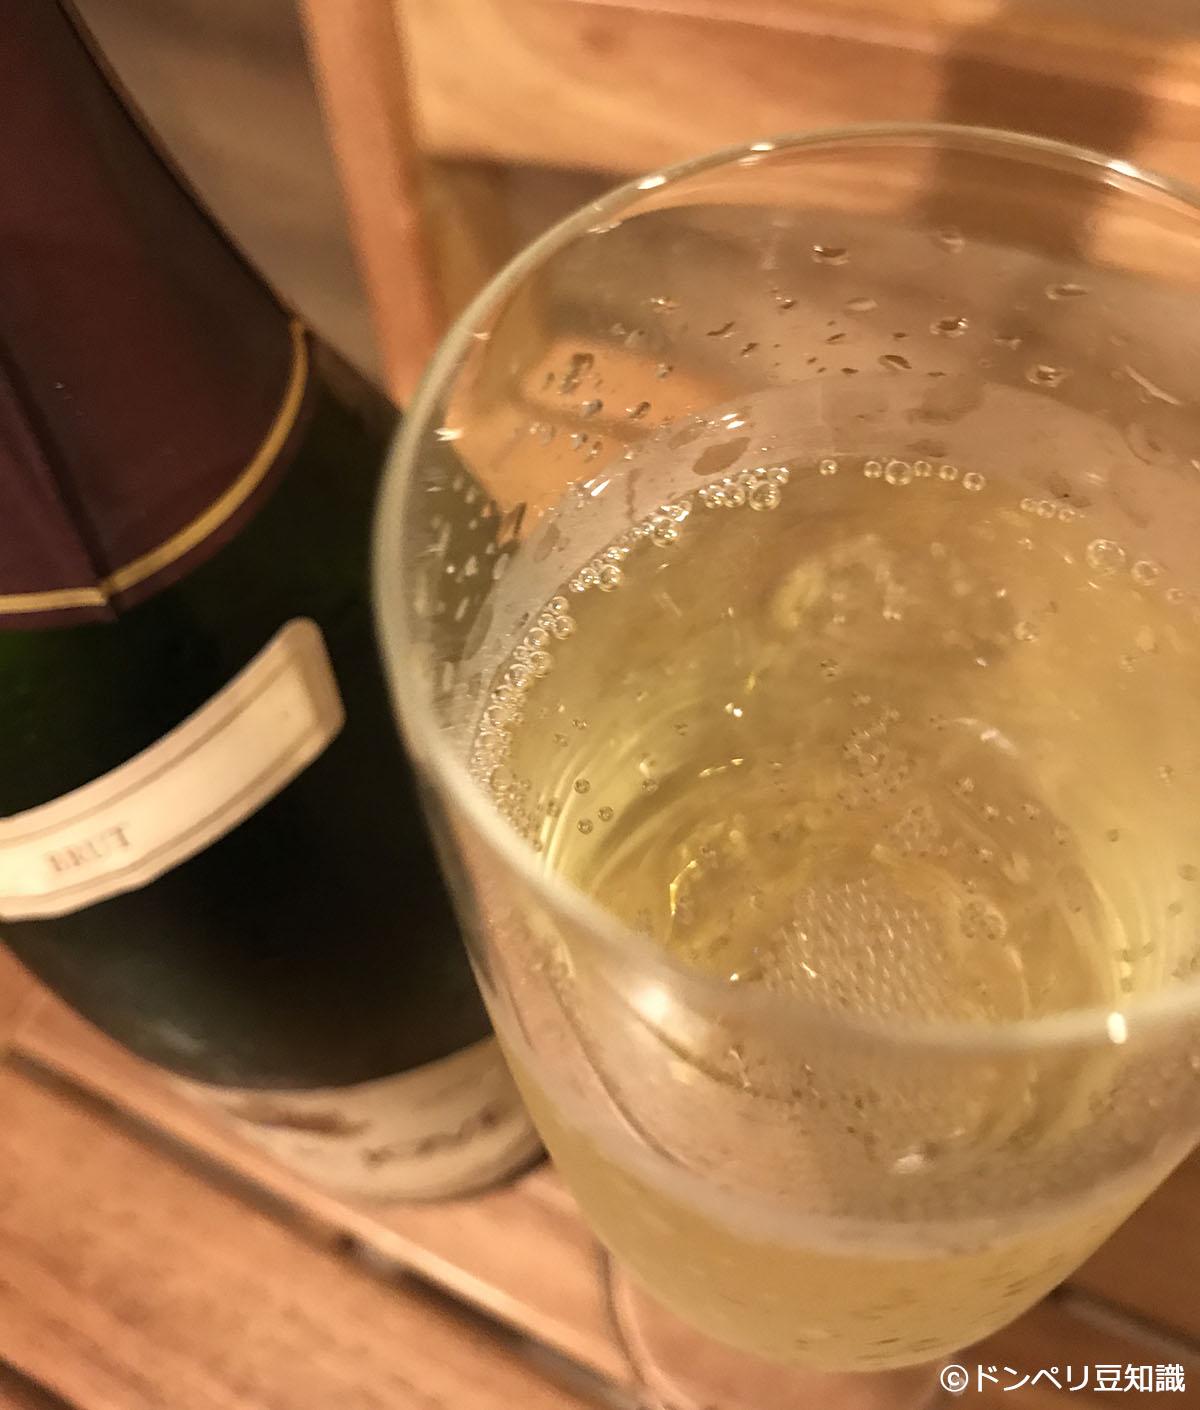 「ゾクゾクする~!」、「ワォ~ッ」、「ハッピー!」というコンセプトを基にデザインされた、シャンパン!